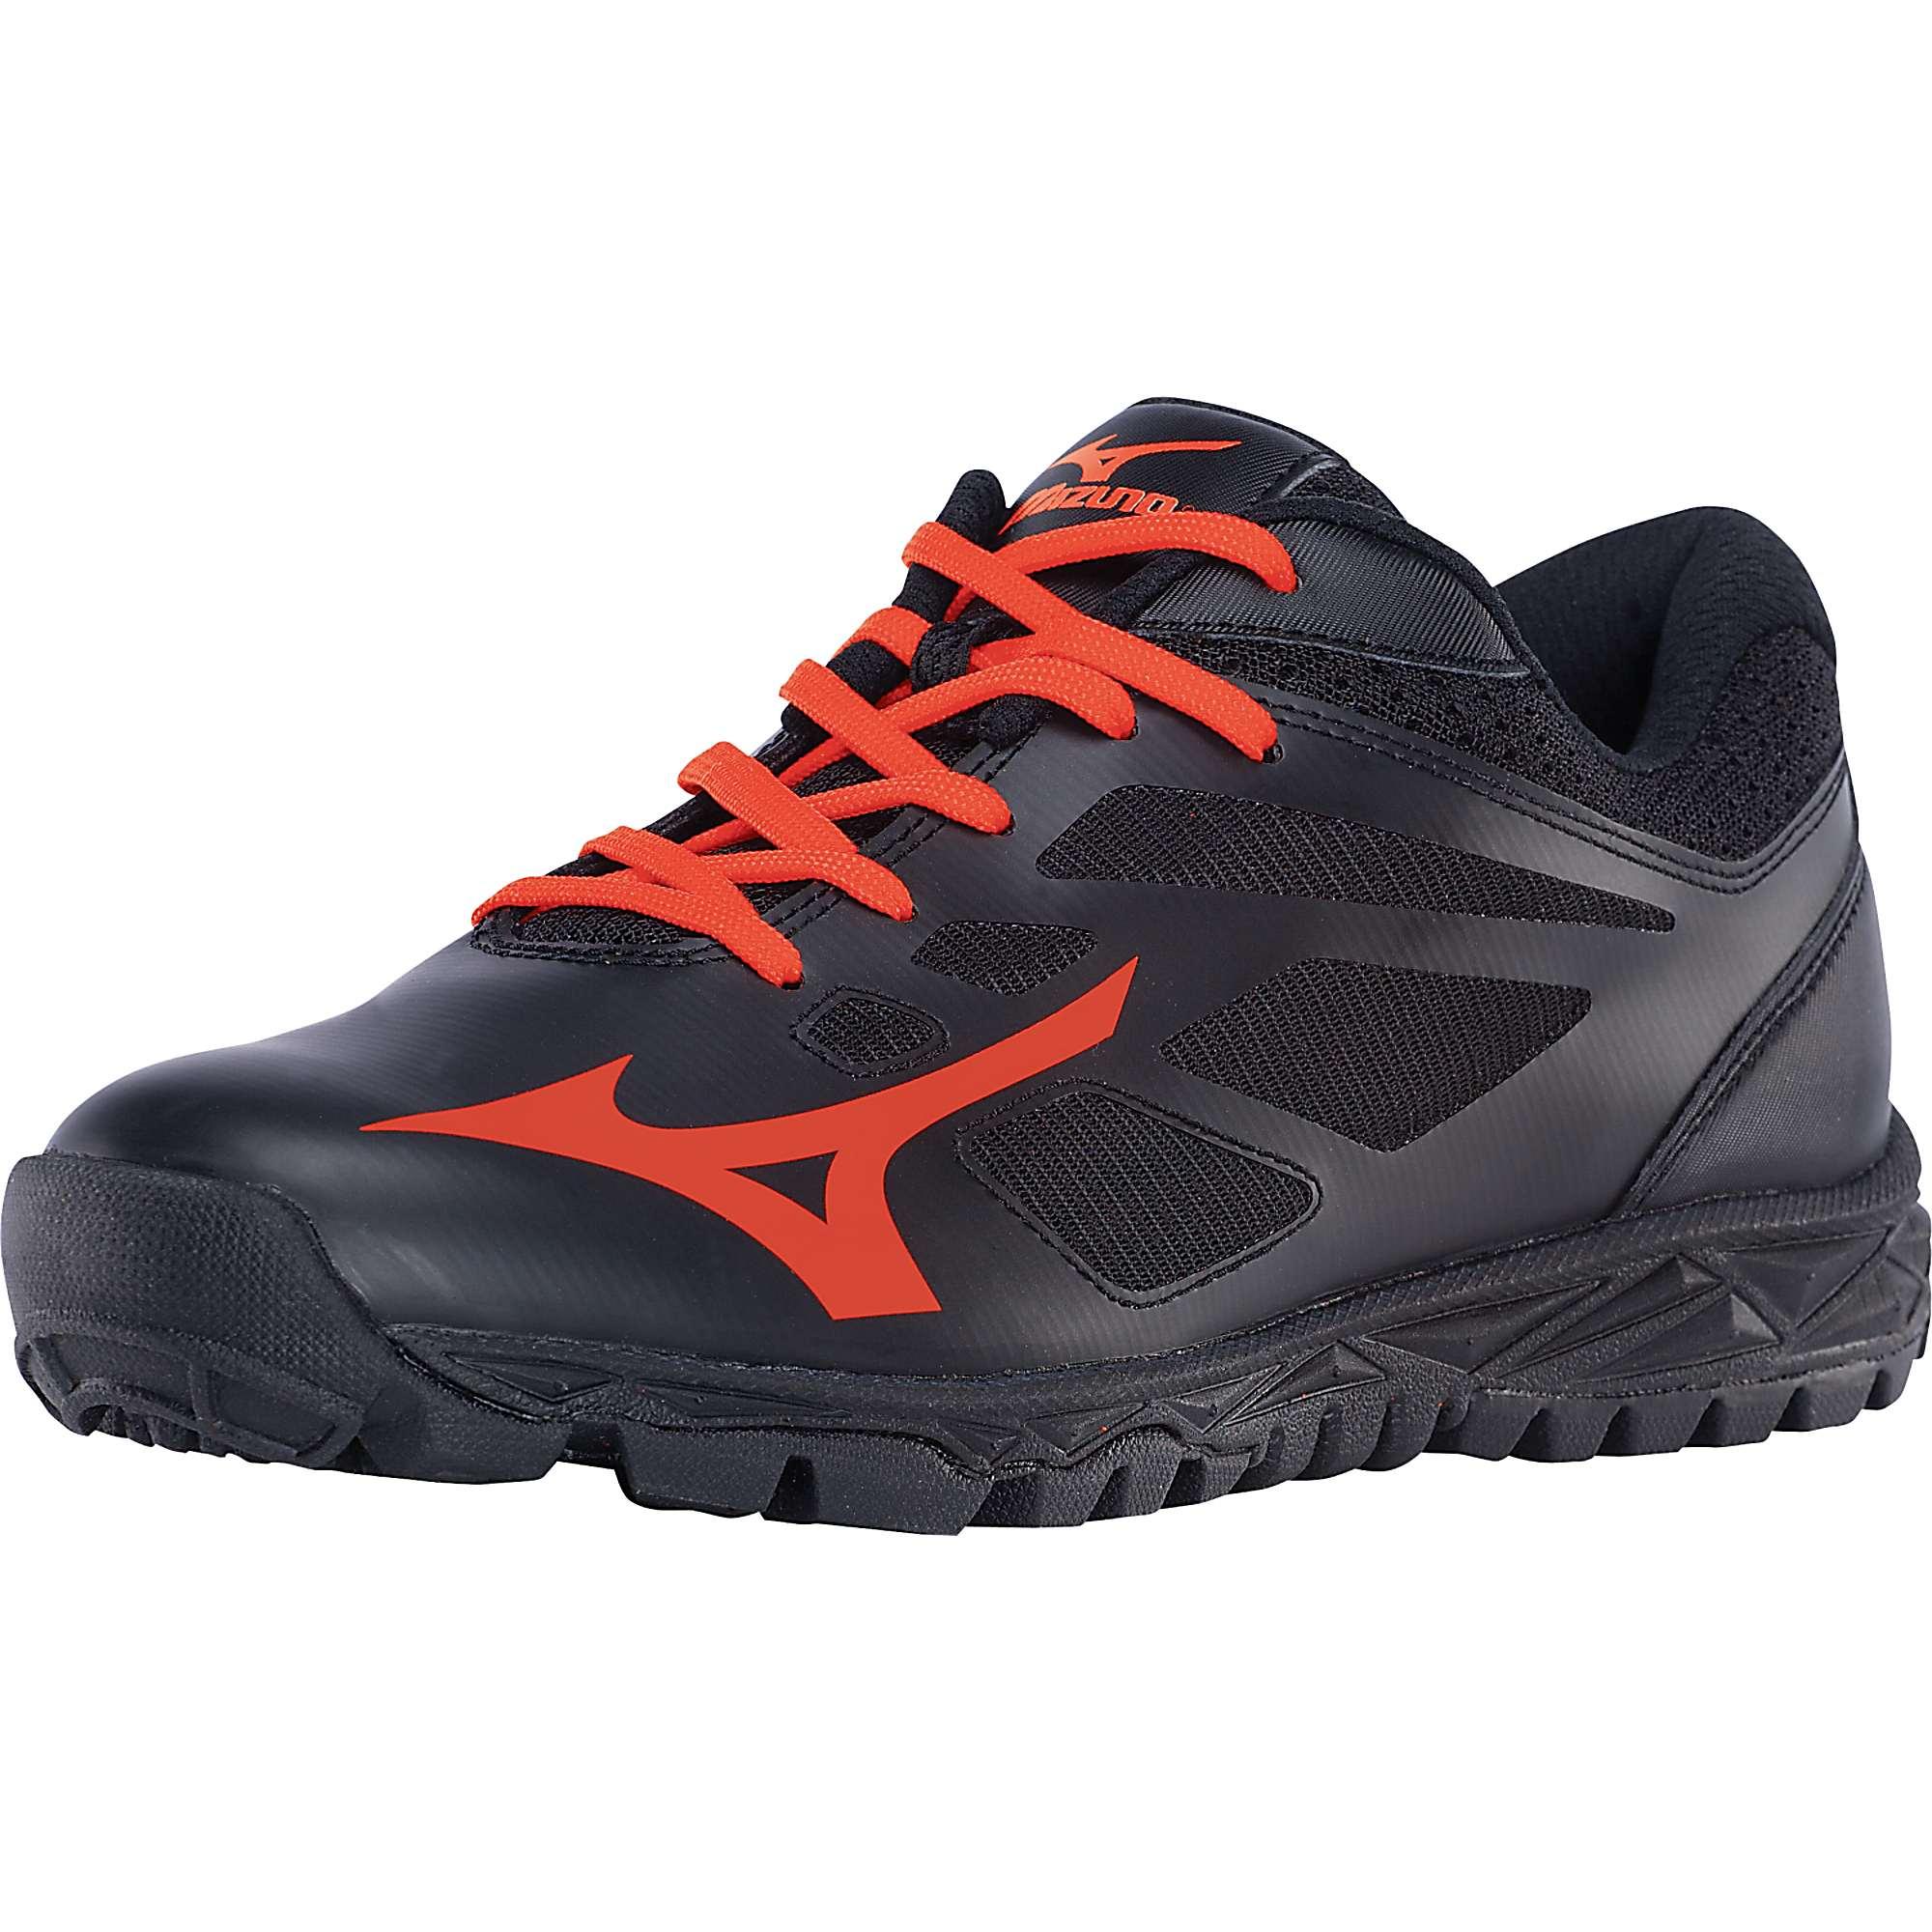 Mizuno Speed Trainer  Turf Shoe